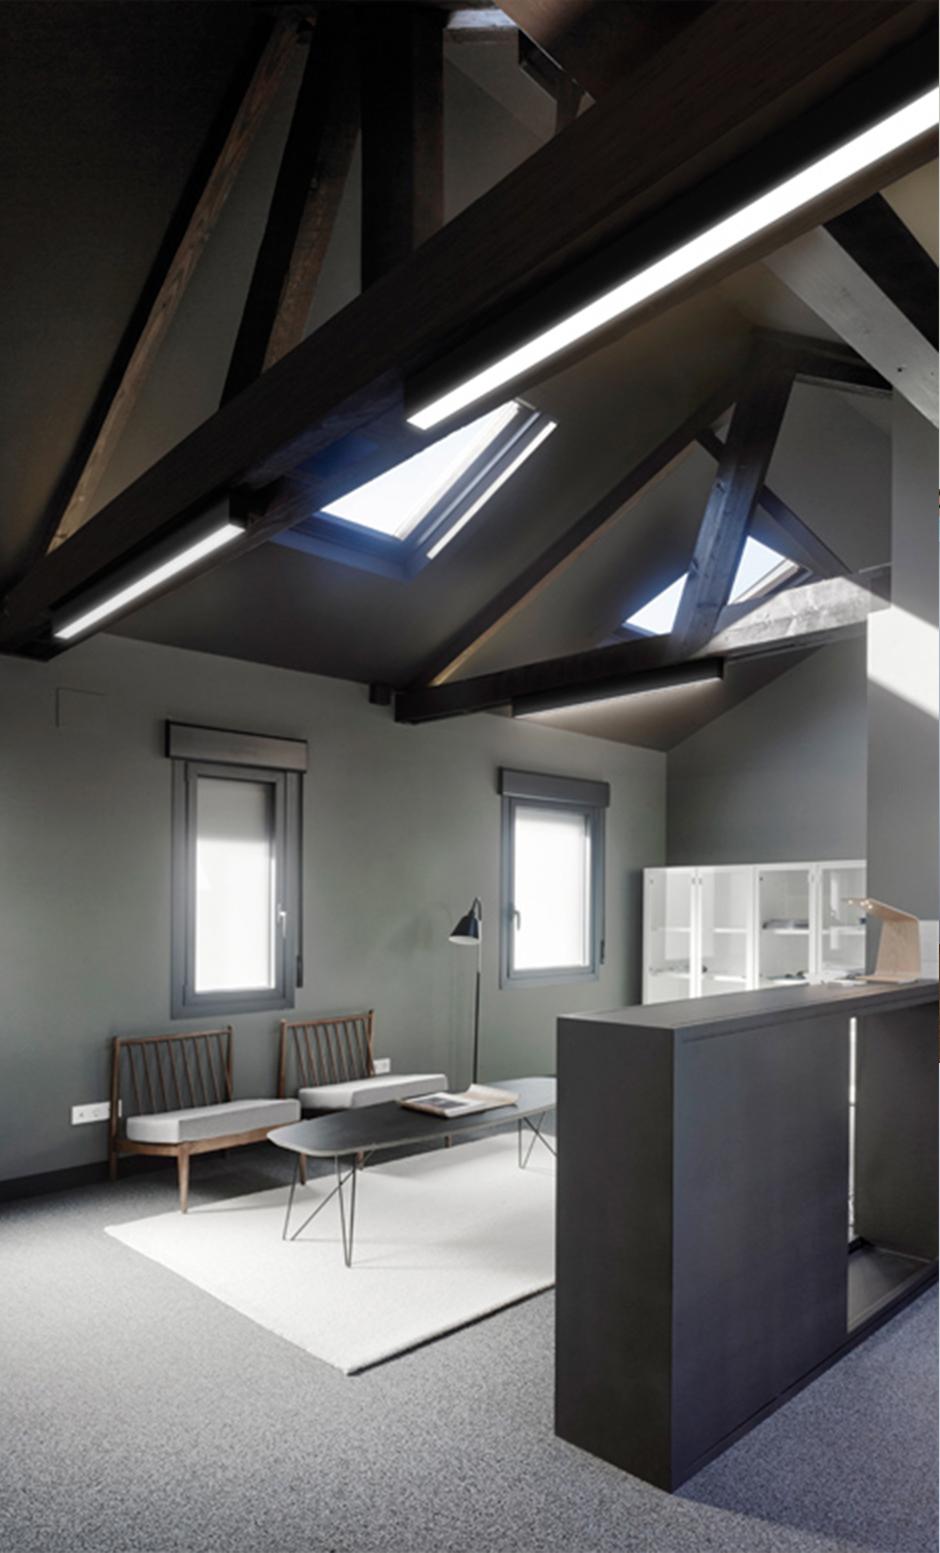 Desarrollo tecnico de perfileria empotrada de la agencia discoh design para arkoslight iluminacion